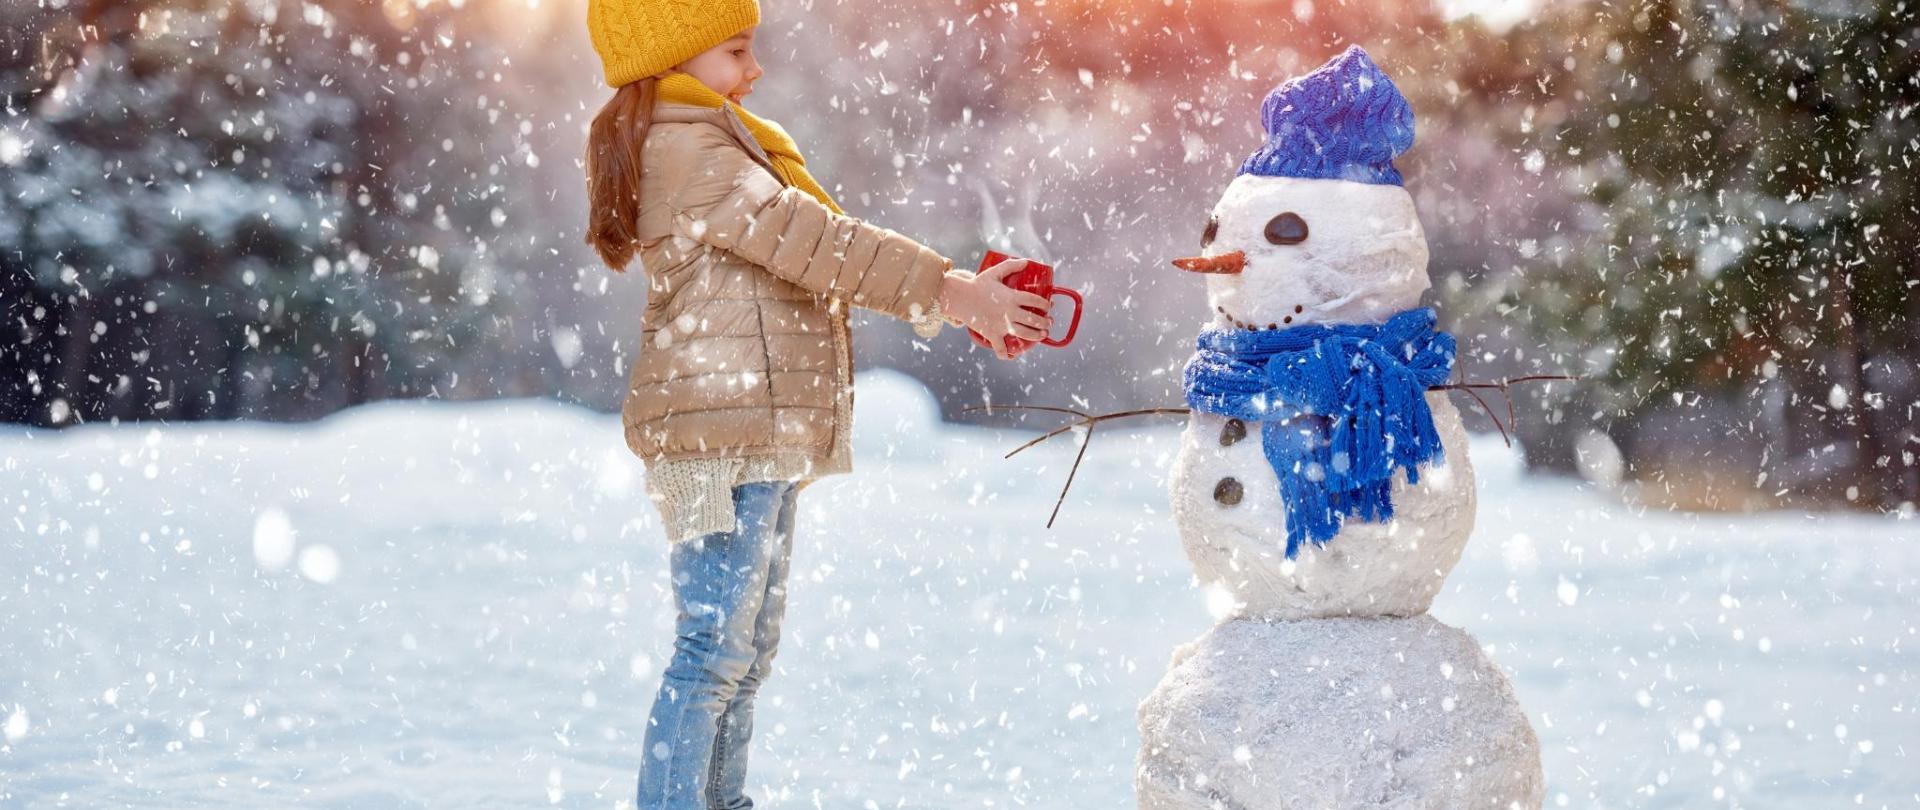 Kind gibt Schneemann Tee verkleinert.jpg